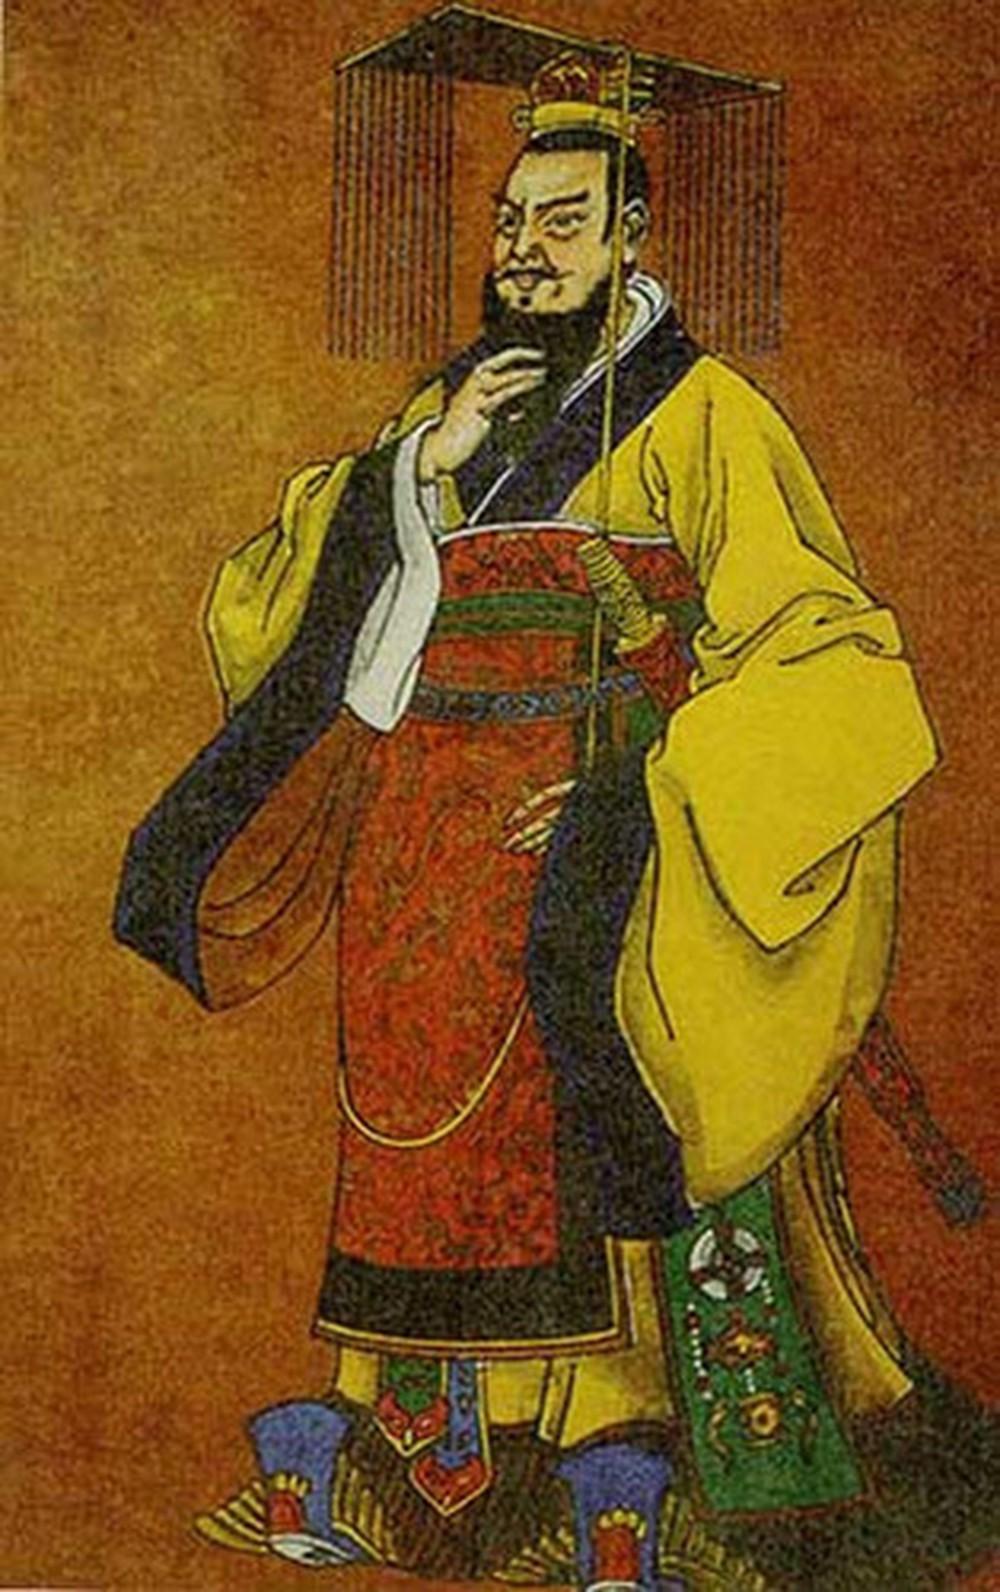 Tranh phác họa Tần Thủy Hoàng.